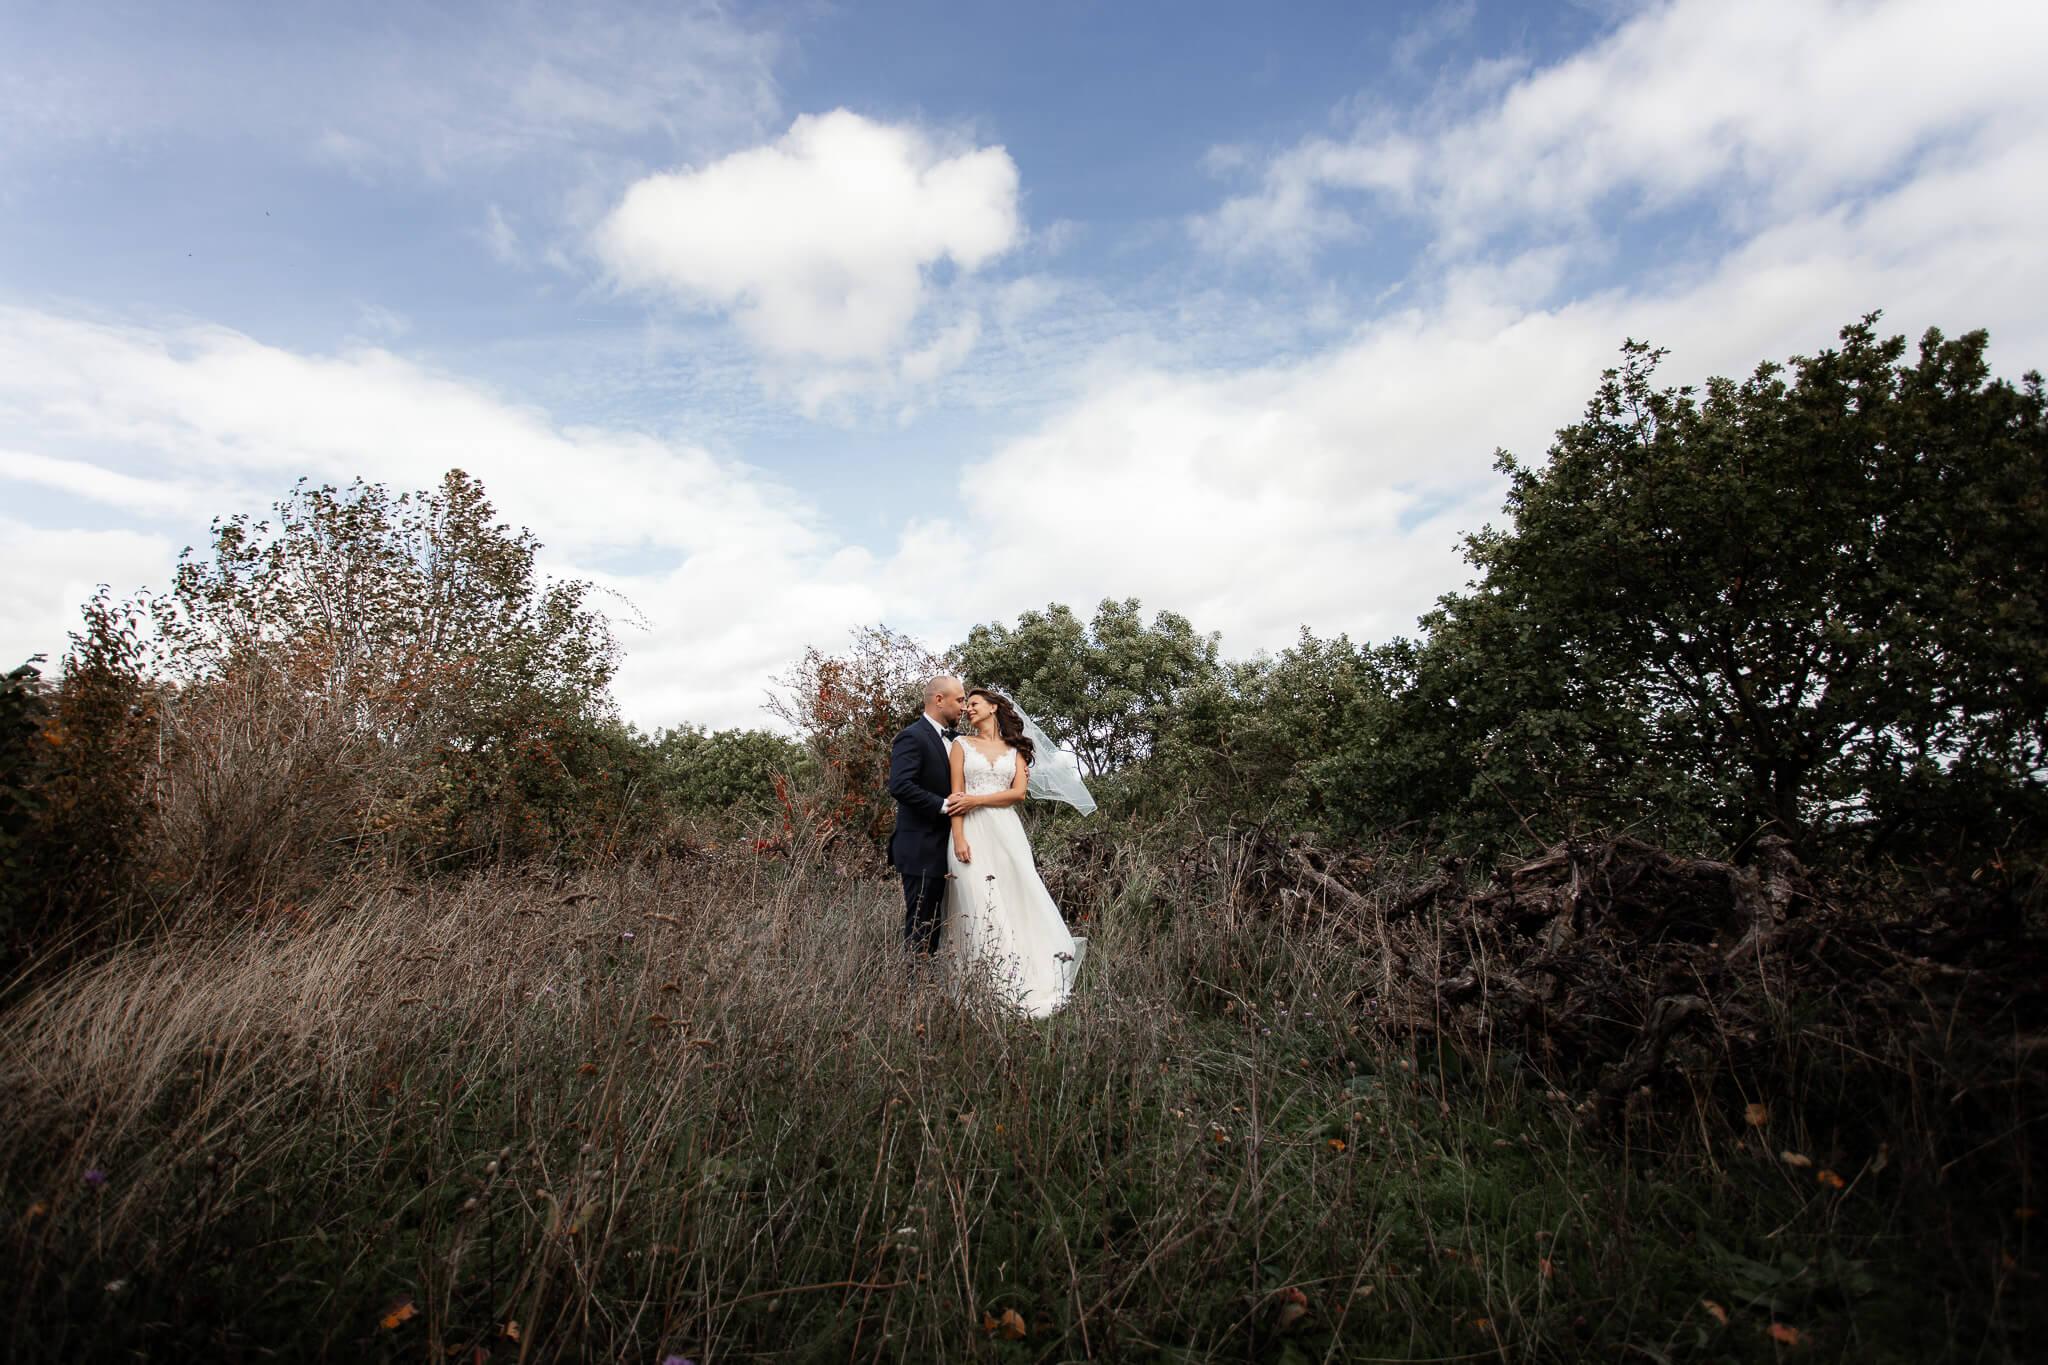 Als Hochzeitsfotograf in Mörstadt - Jan und Anika 21